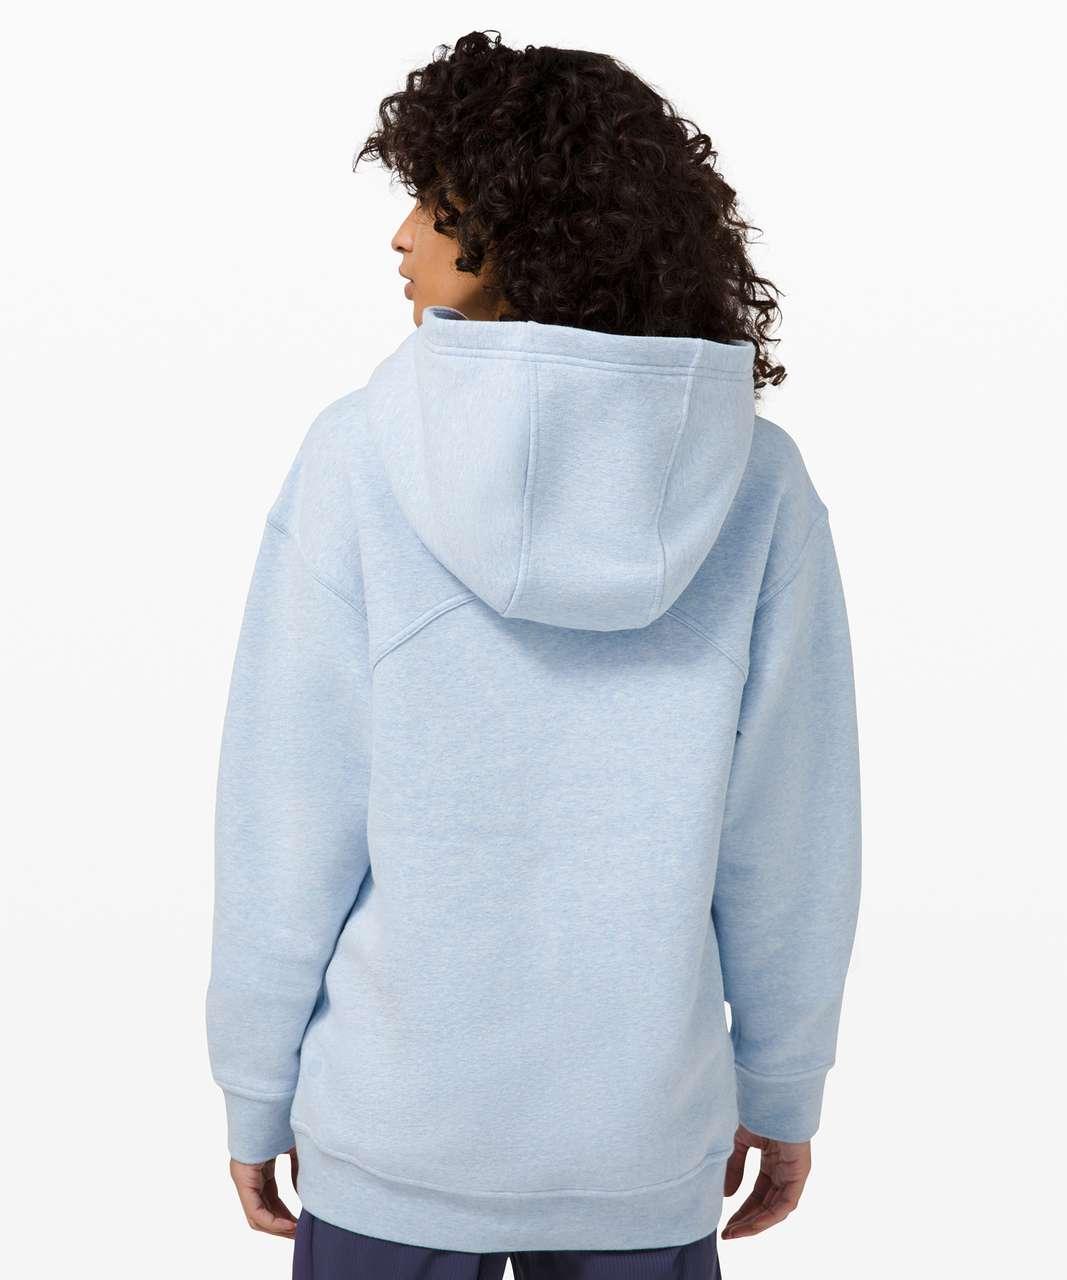 Lululemon All Yours Hoodie *Fleece - Heathered Blue Linen